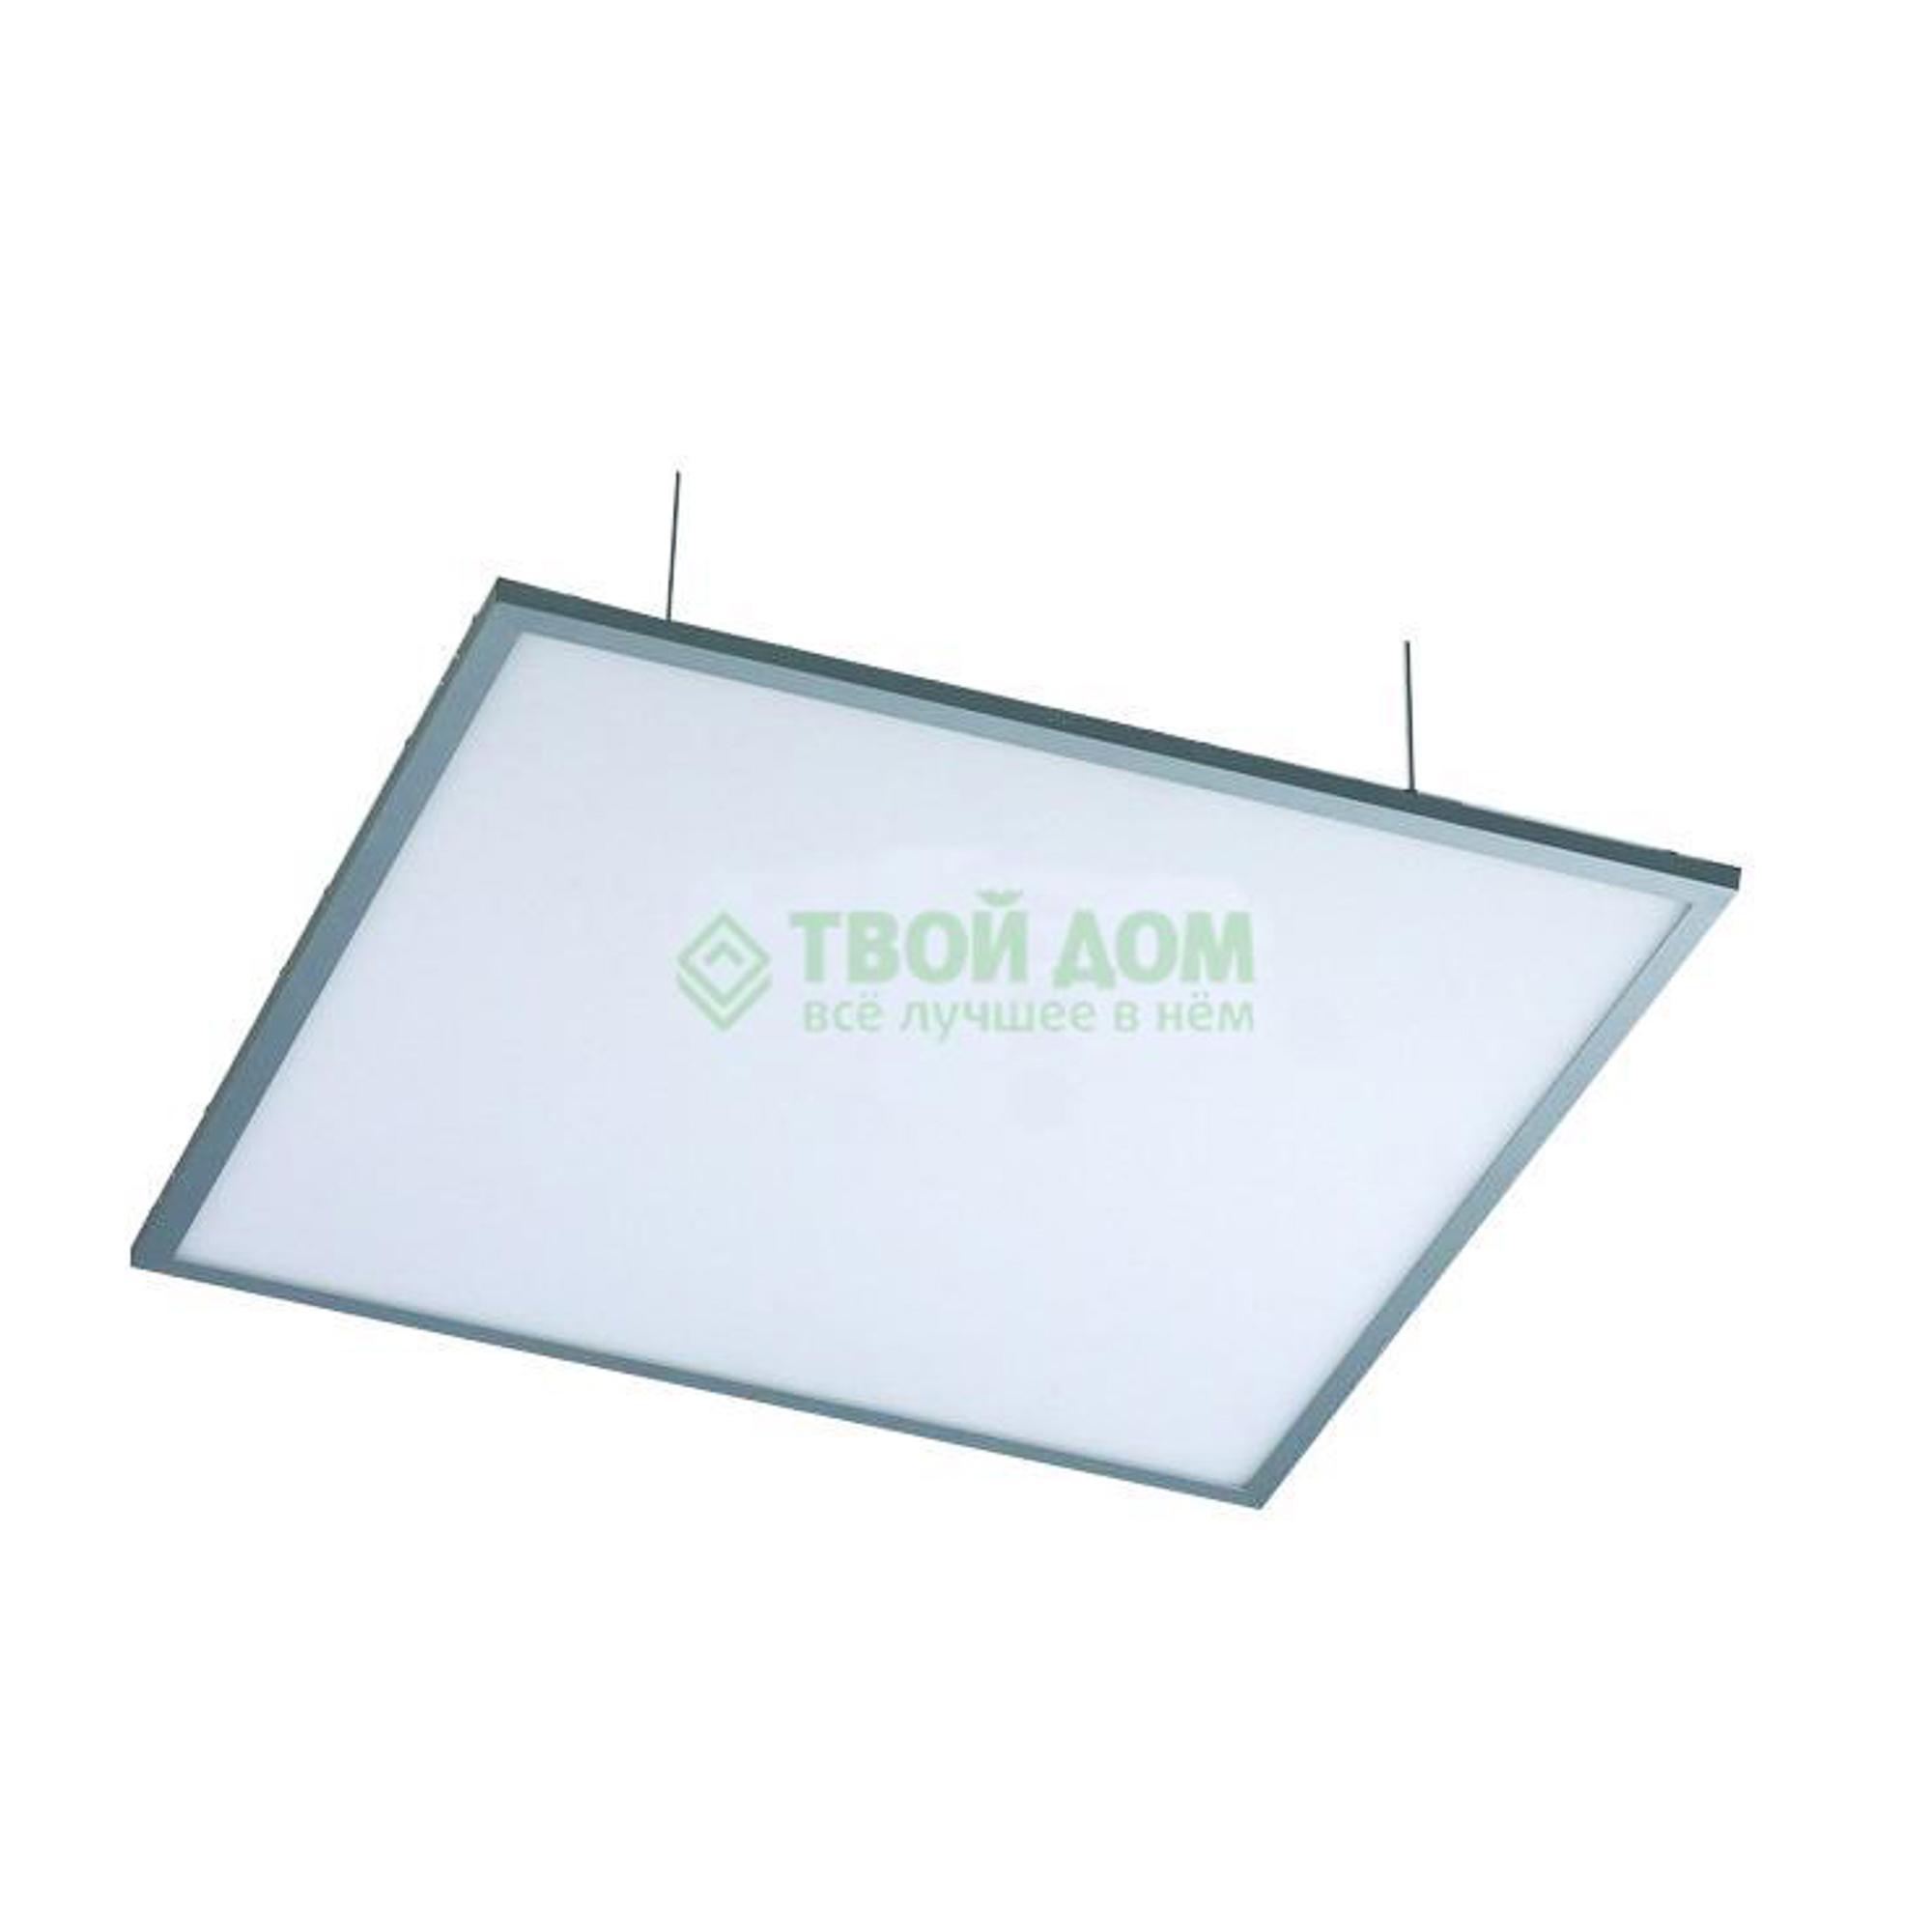 Потолочный светильник Elvan 36w 6000-6500k W 600x600 светильник elvan 701sq 14 w w